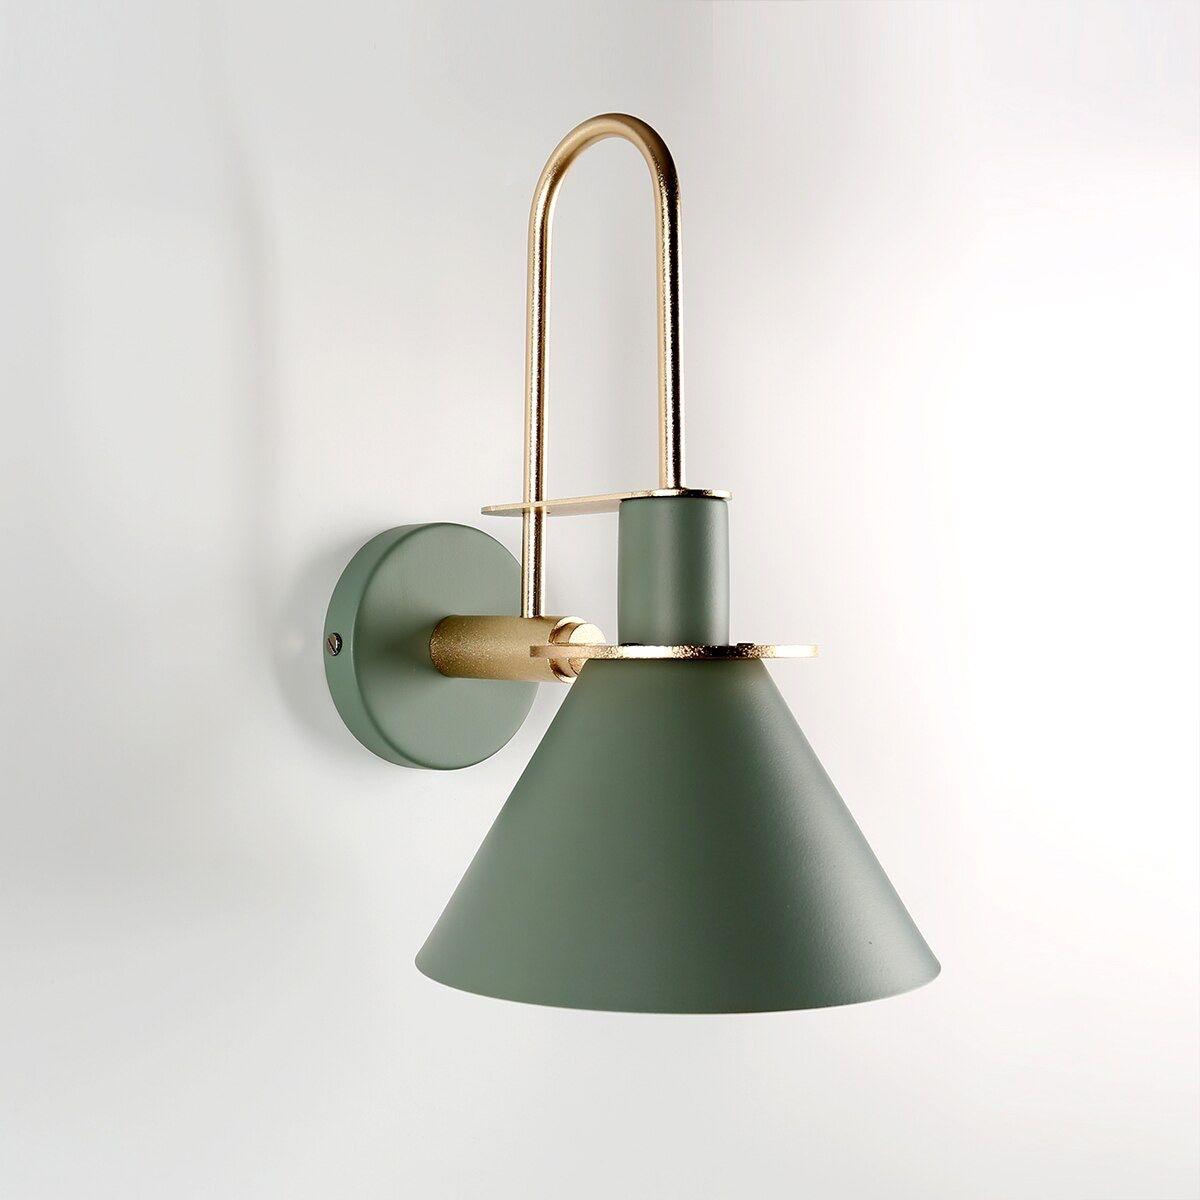 Oklak Green Light Fixture On Wall Wall Mounted Lamps Wall Lights Light